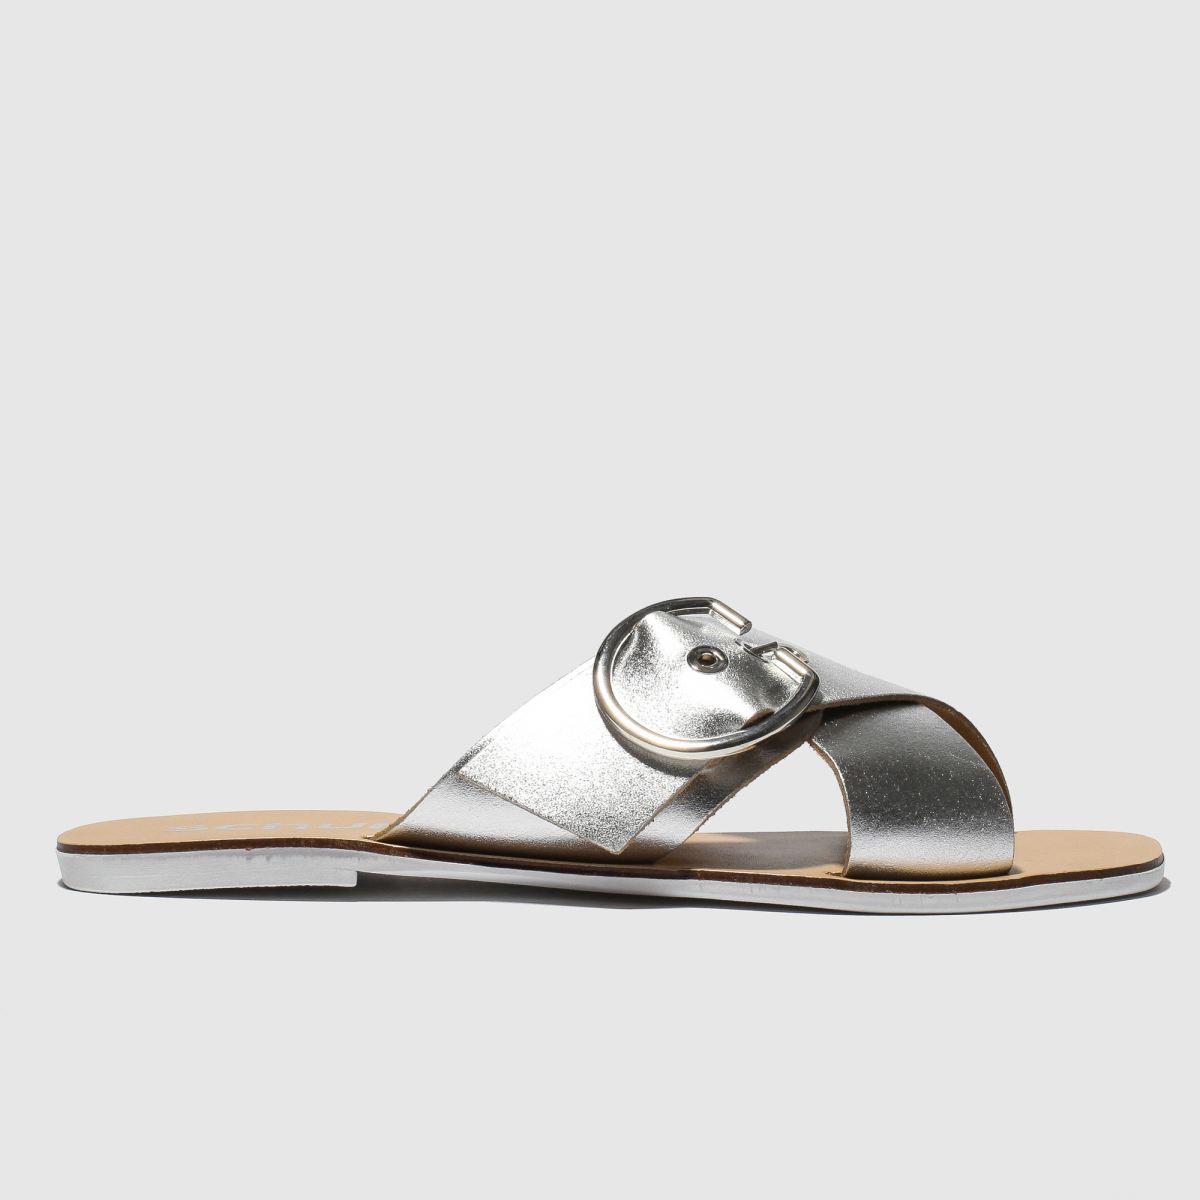 schuh Schuh Silver Hong Kong Sandals